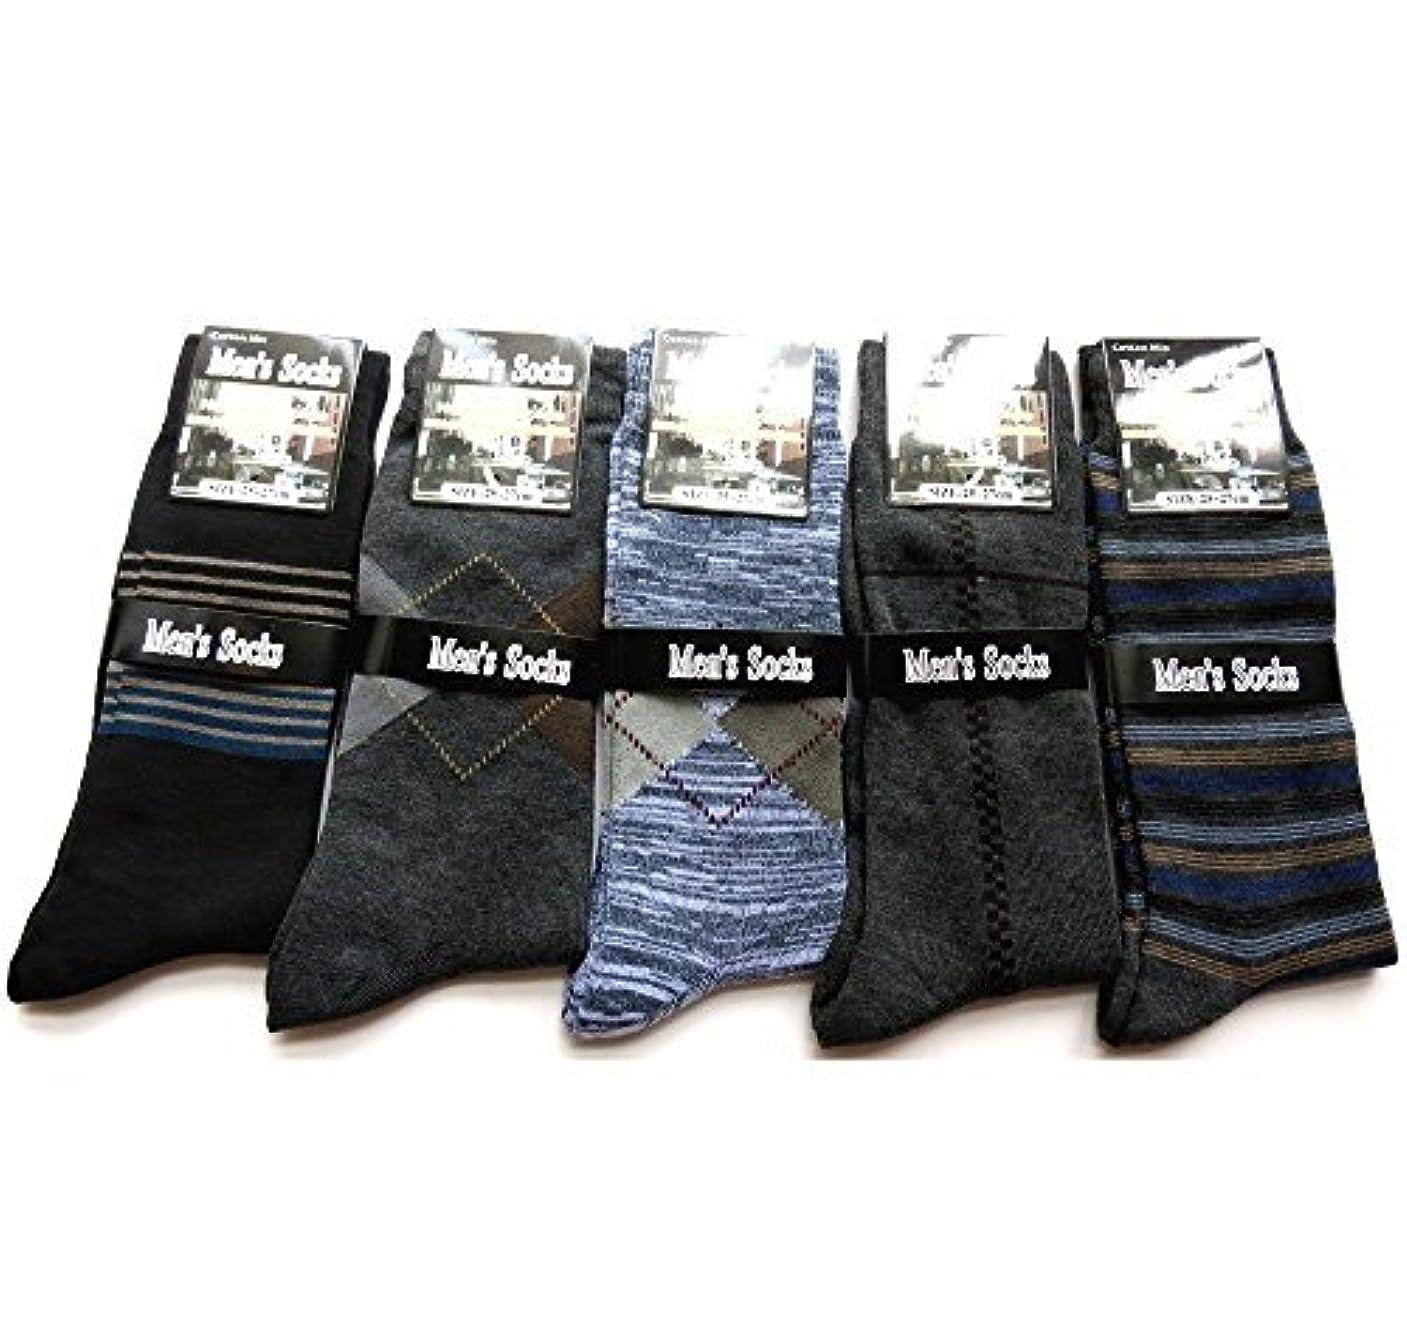 完全に中央値ニュージーランド紳士 ビジネスソックス カジュアル ソックス メンズ 靴下 メンズ 25-27cm 5足セット(柄はお任せ)